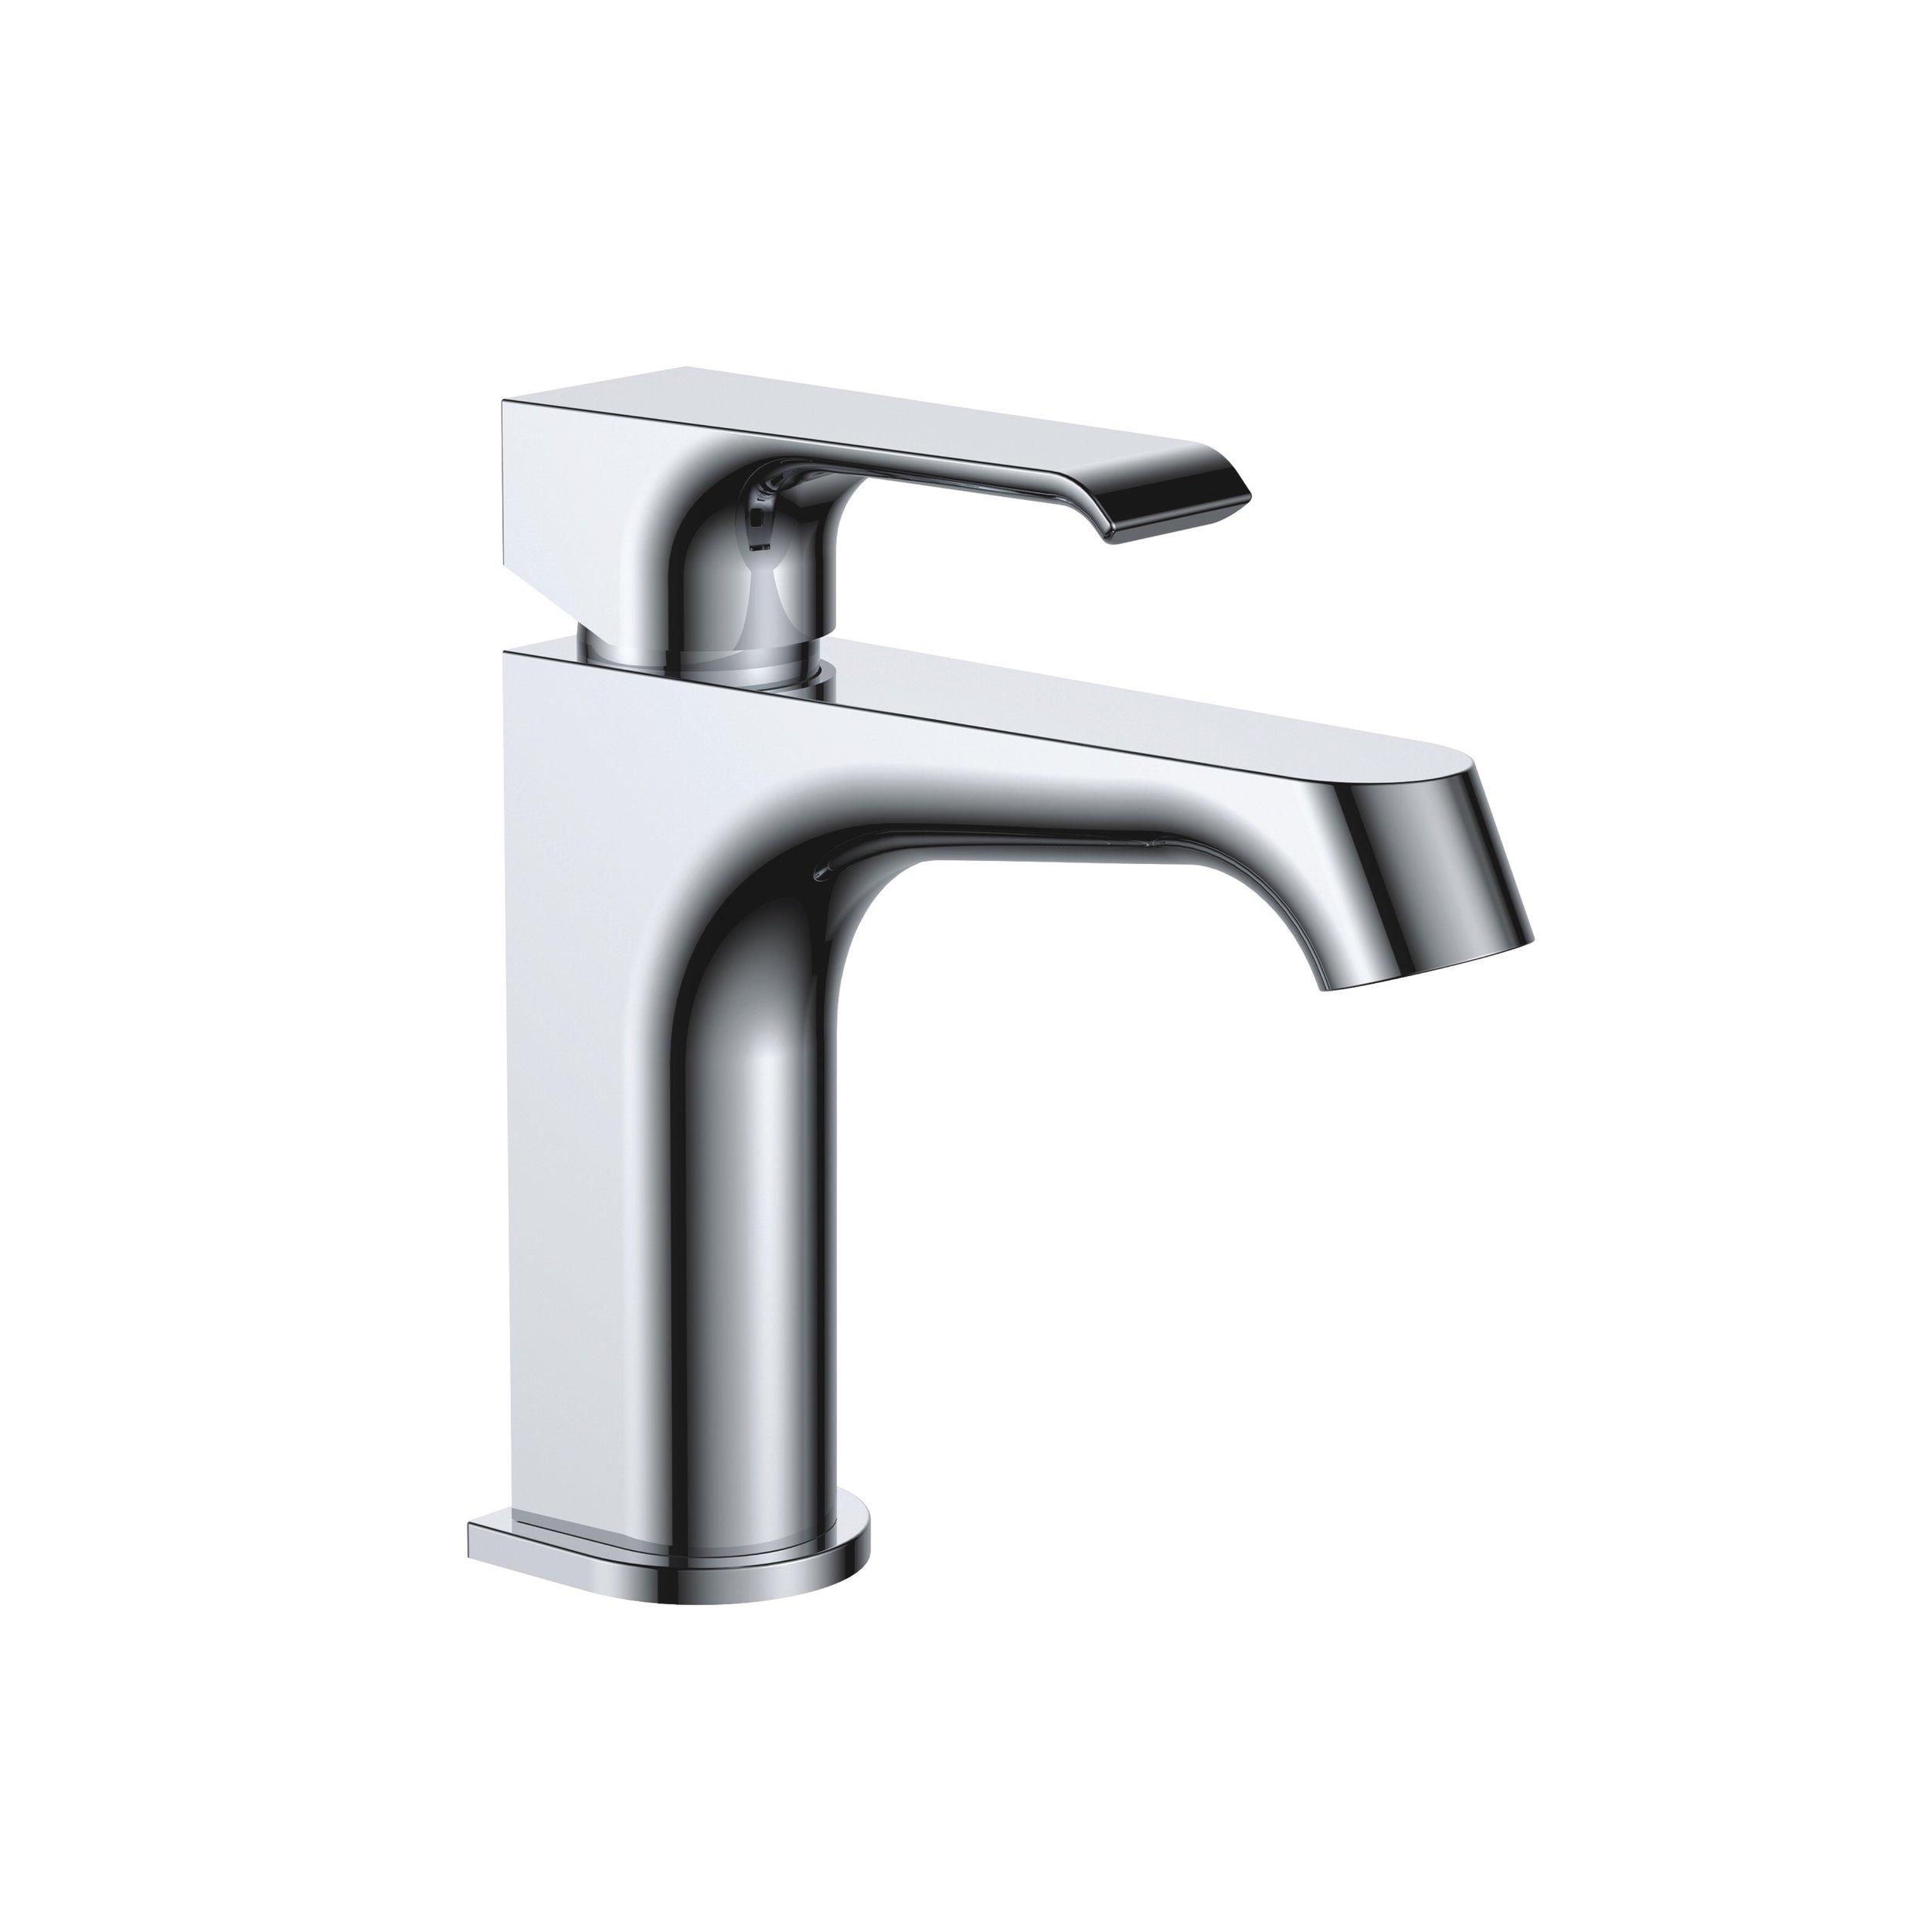 716-101:Basin faucet